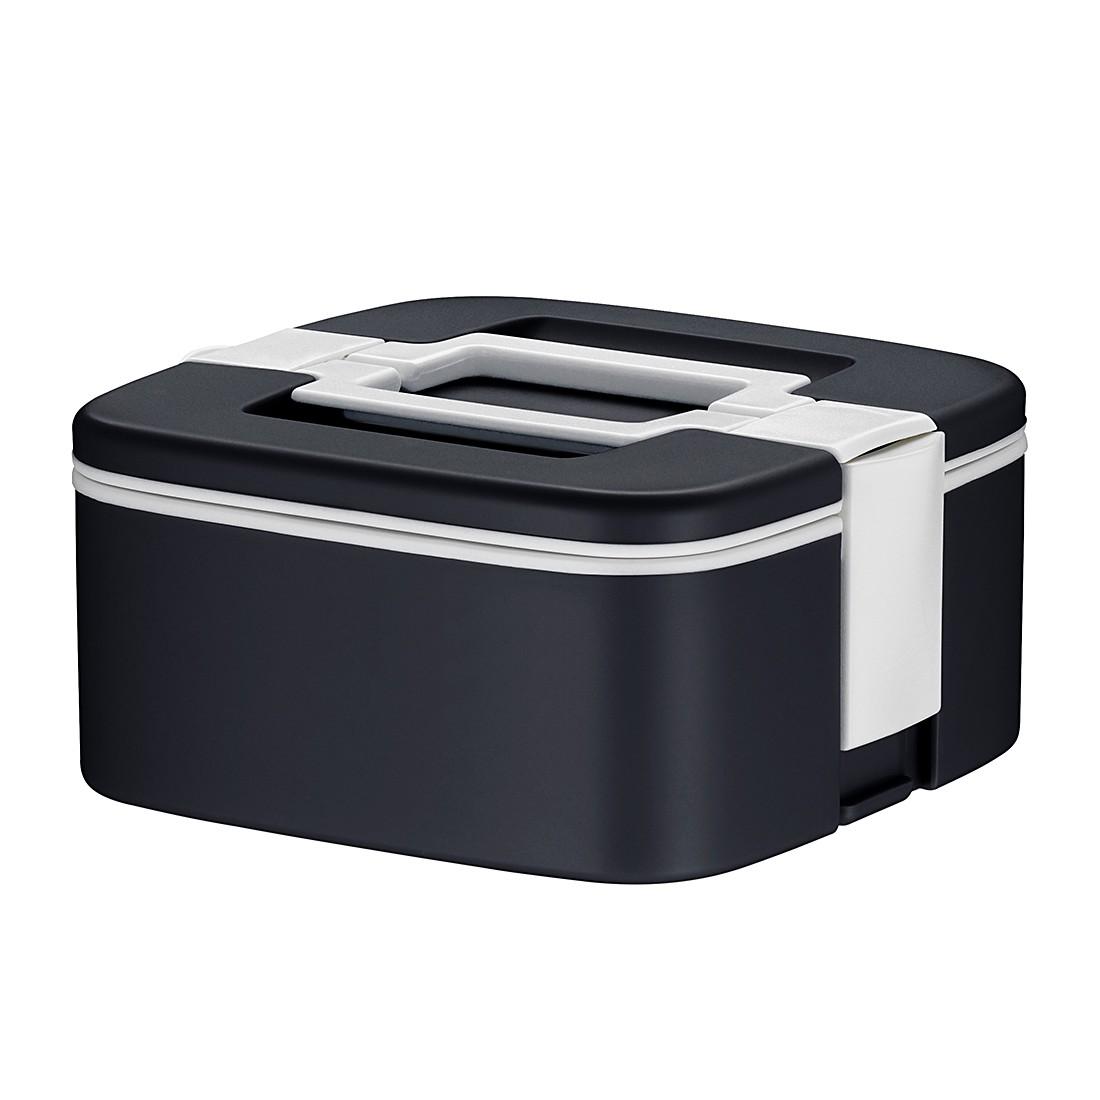 Speisegefäß foodBox – Schwarz, Alfi jetzt kaufen